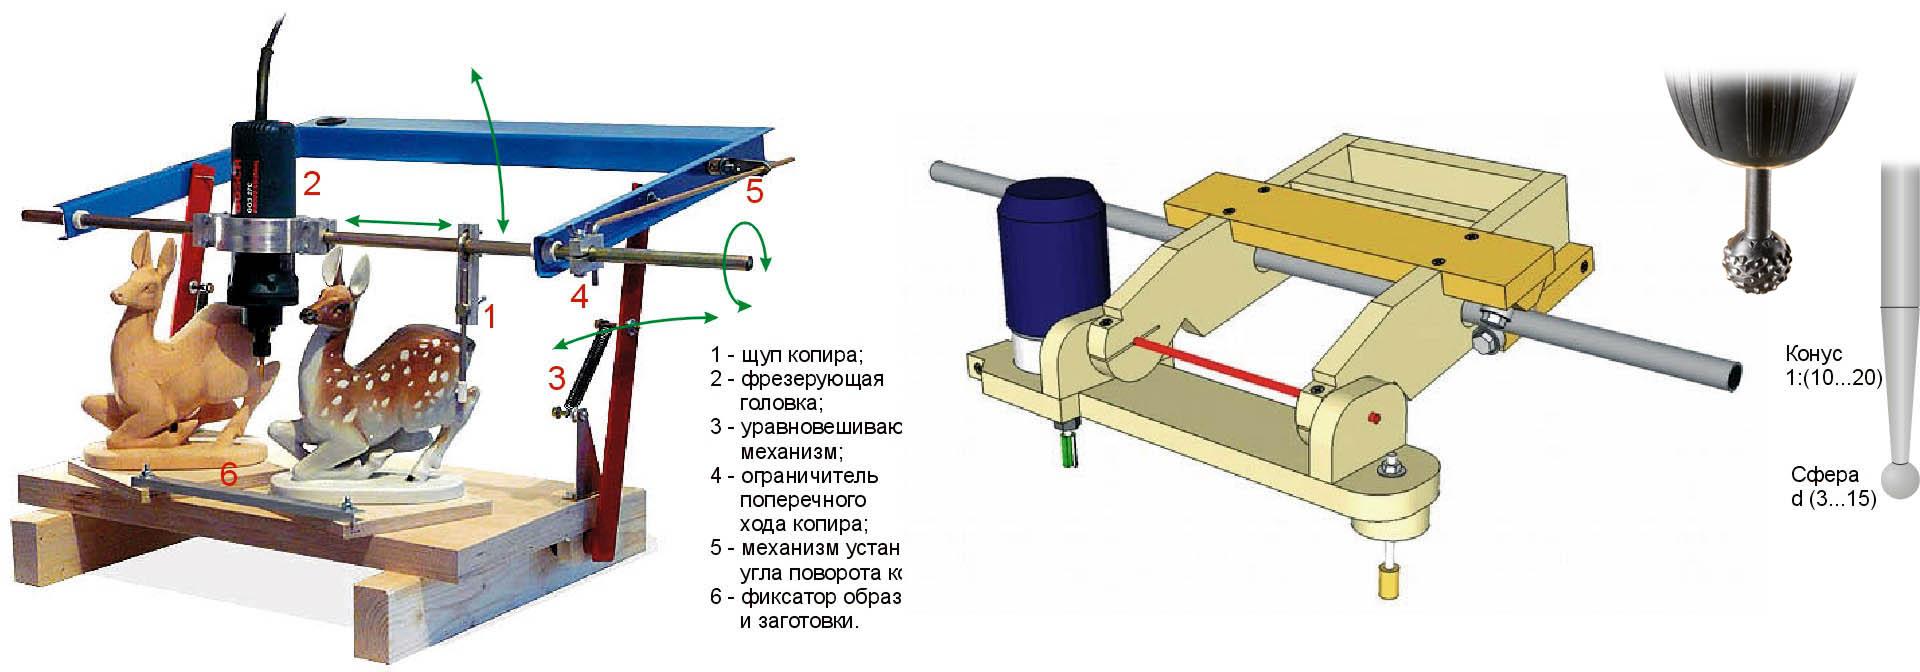 3D фрезерно-копировальные станки под дереву (дупликарверы) промышленного производства и самодельный